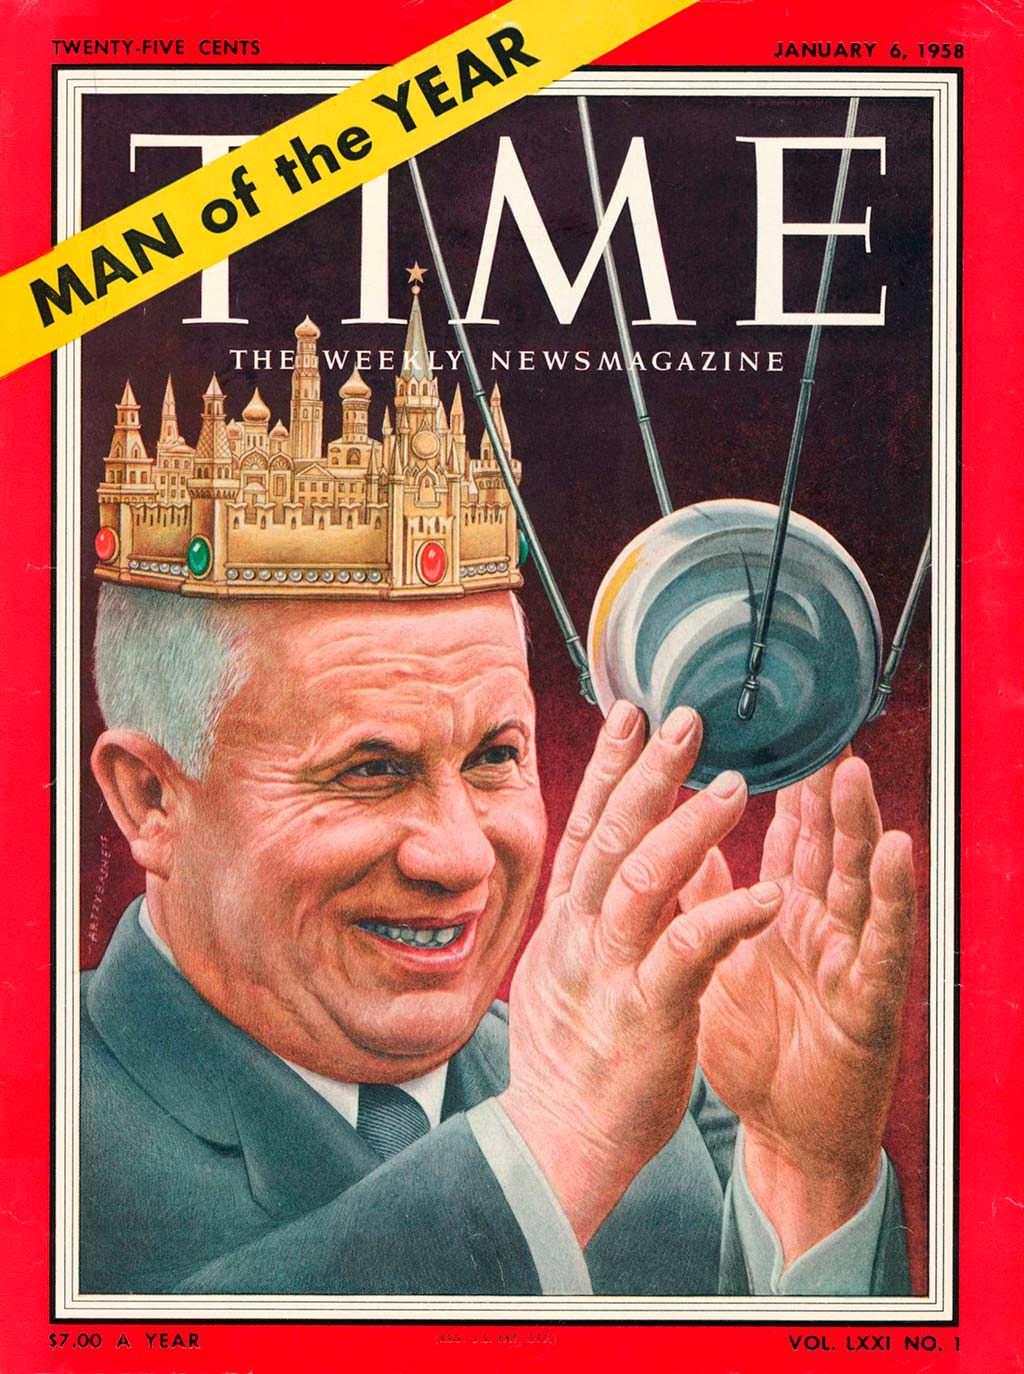 1957 год. Секретарь ЦК КПСС Никита Хрущёв на обложке Time